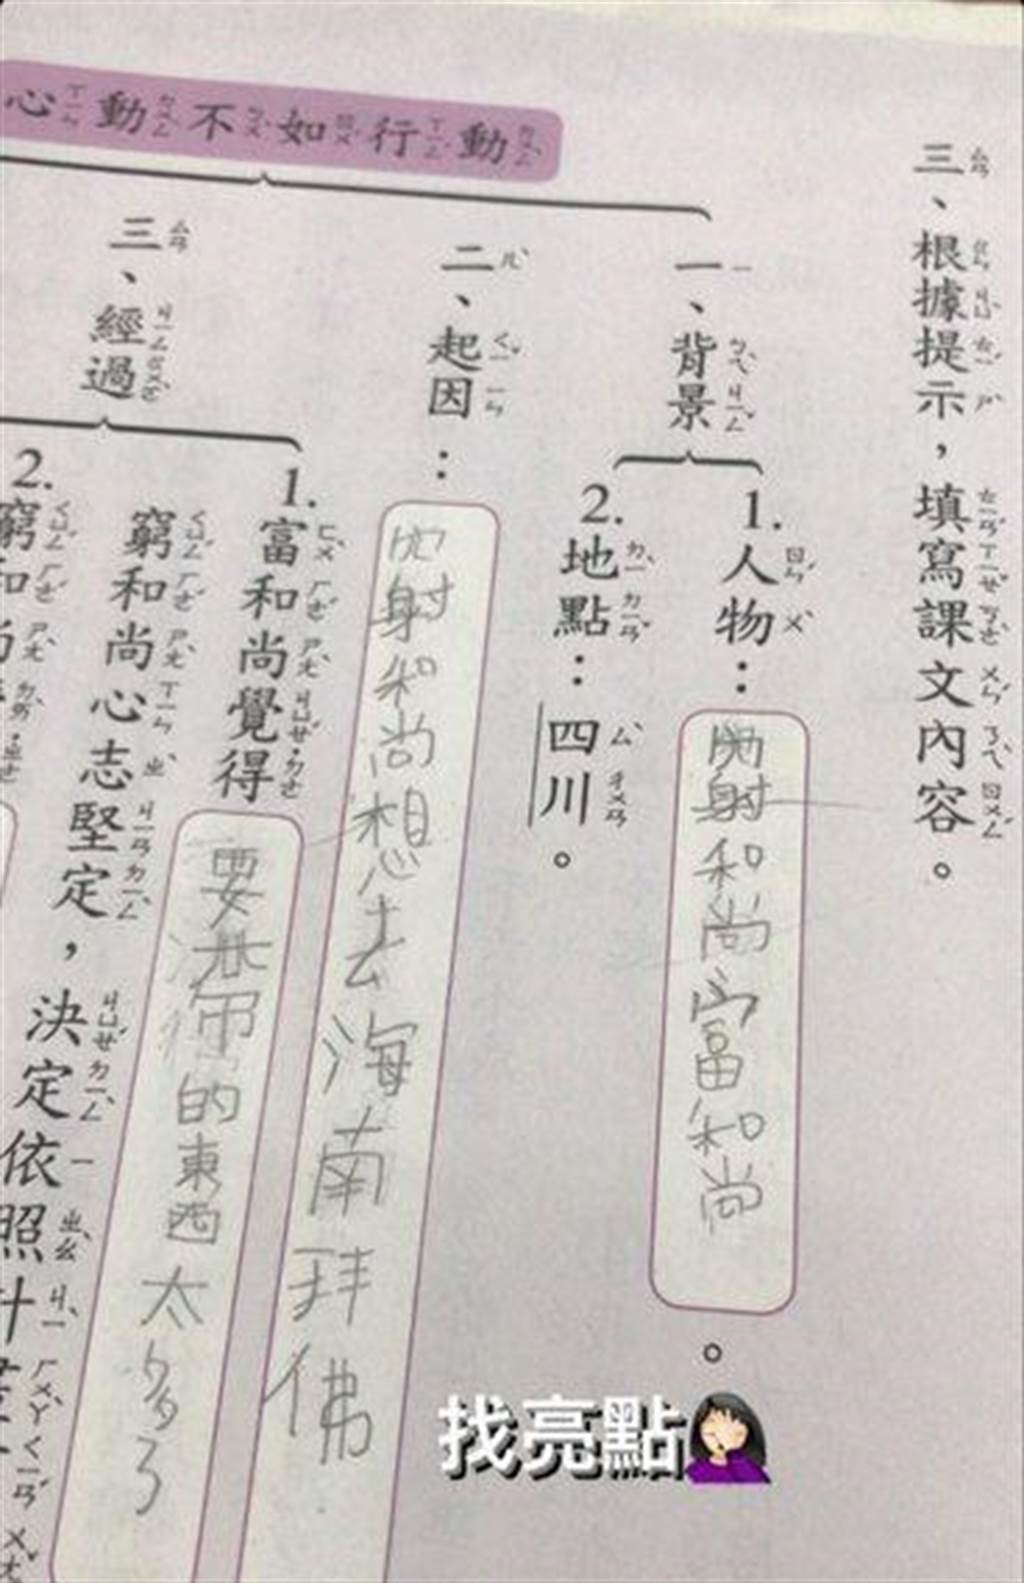 一名小學生把「窮」字寫太開,乍看之下好似「內射」兩字,把網友全逗樂了。(翻攝PTT)